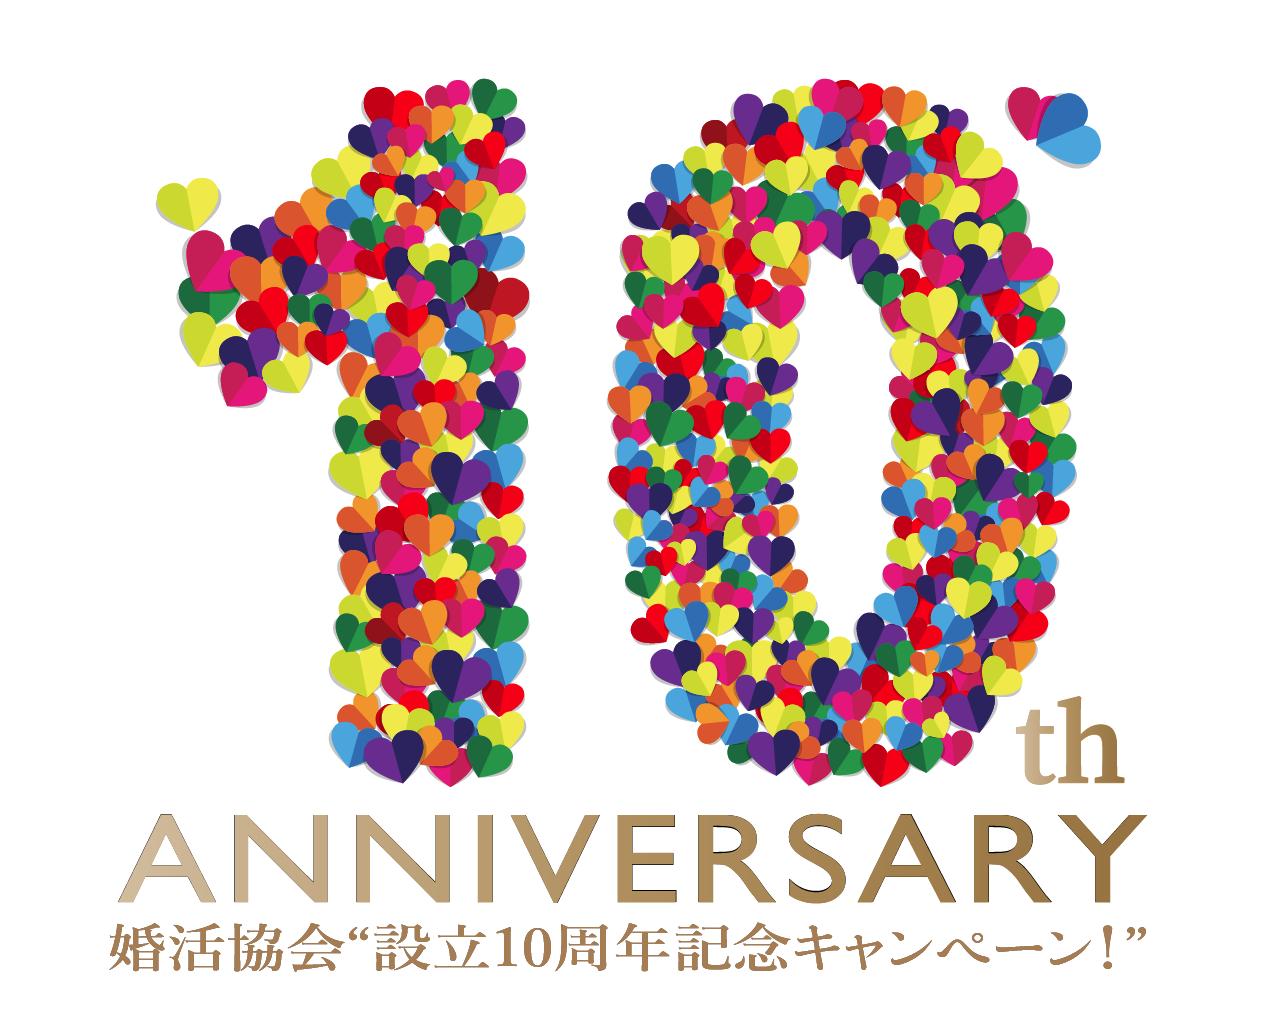 """【婚活協会""""設立10周年記念キャンペーン!""""】― 皆様への感謝を込めて3つ特典で婚活&結婚応援〈9月30日迄〉―"""